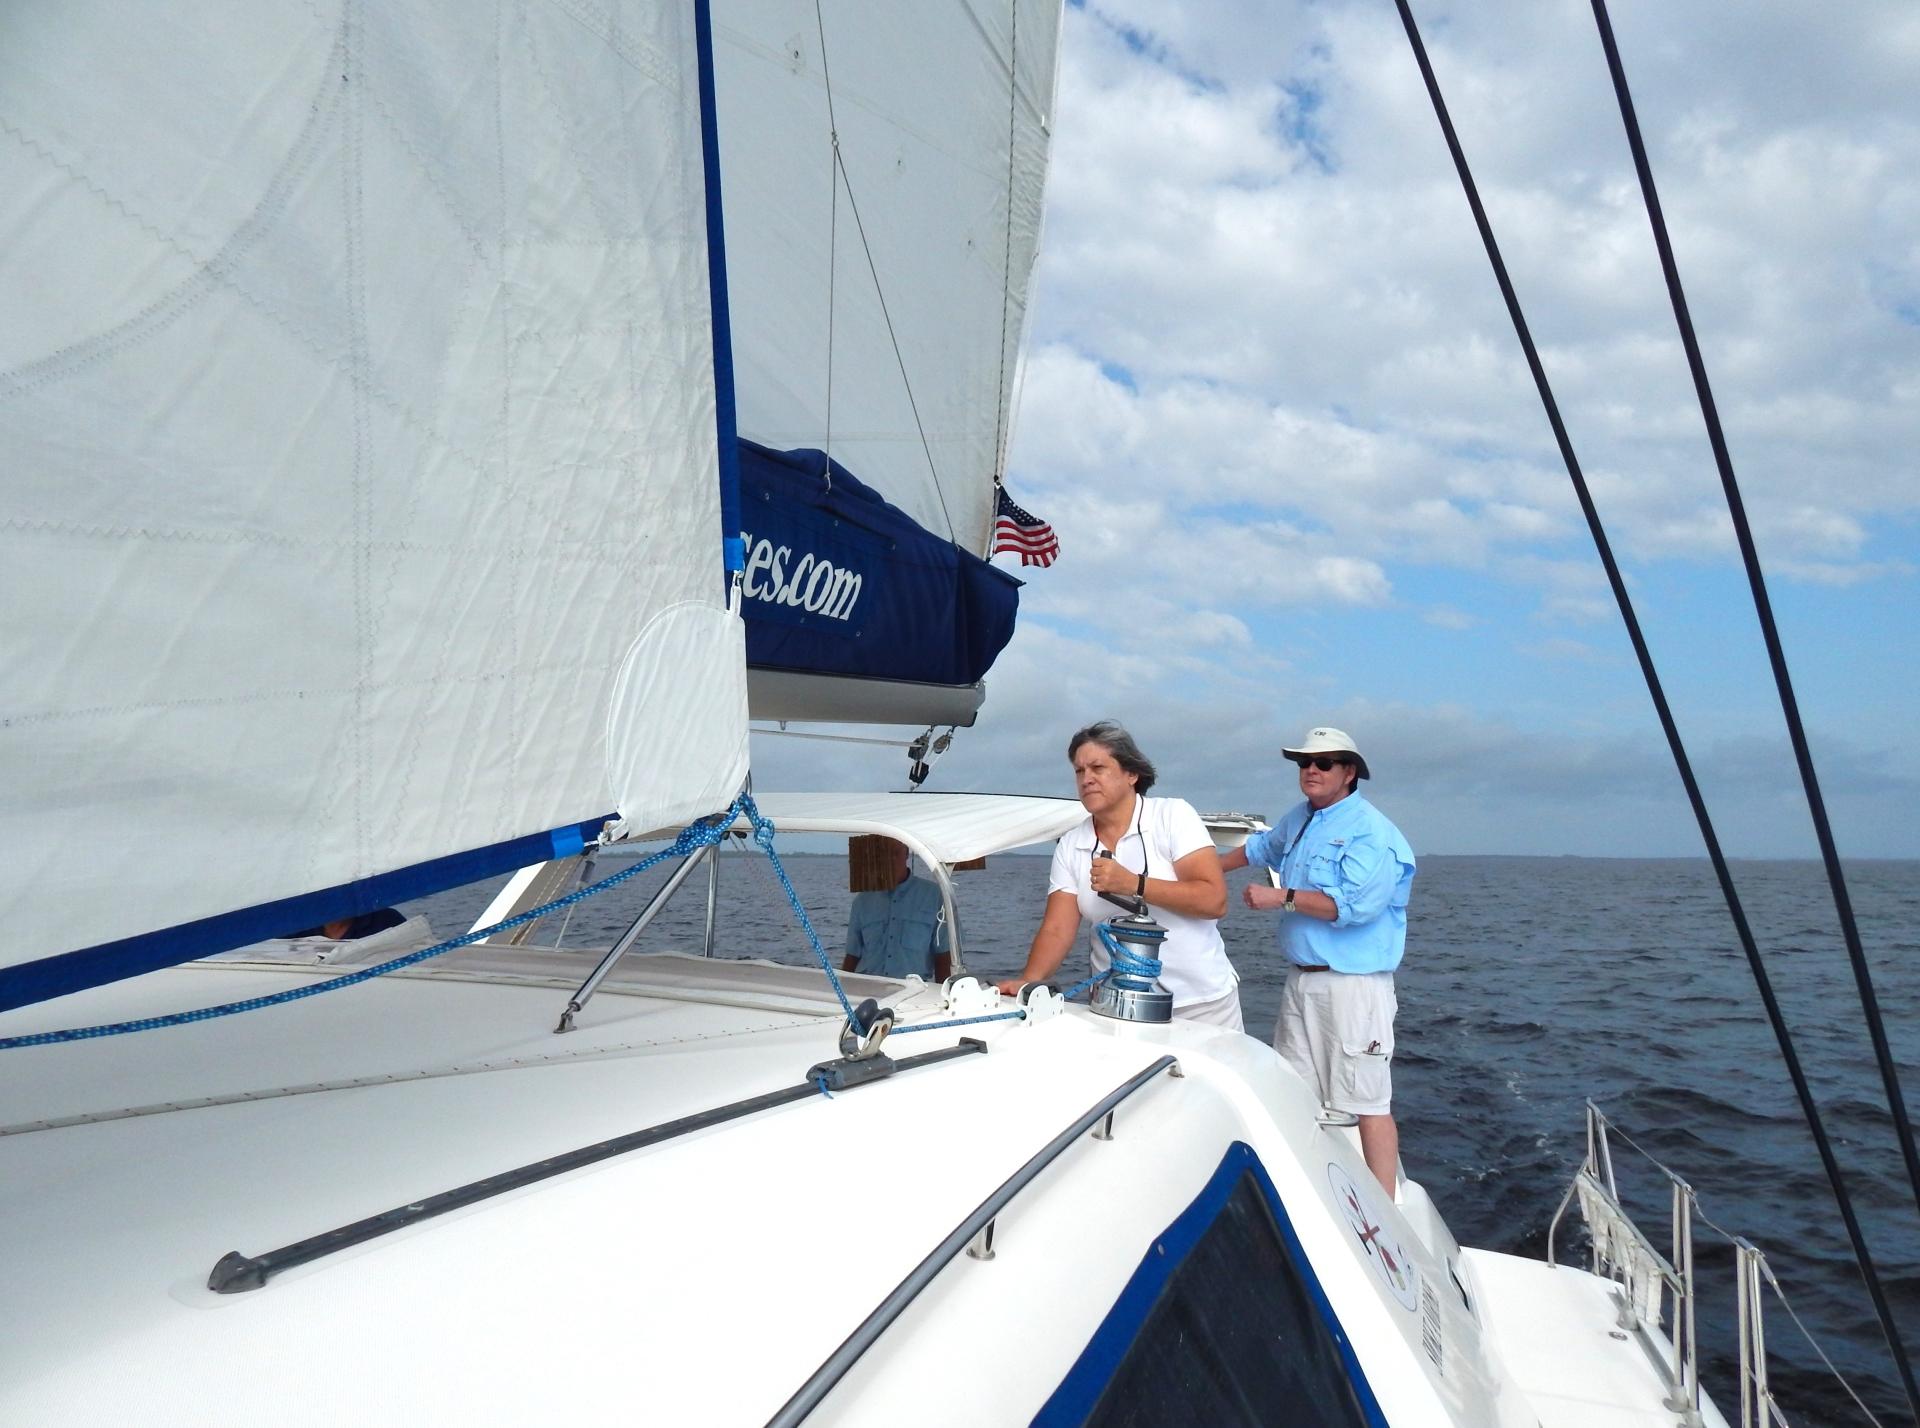 Key West - Dry Tortugas